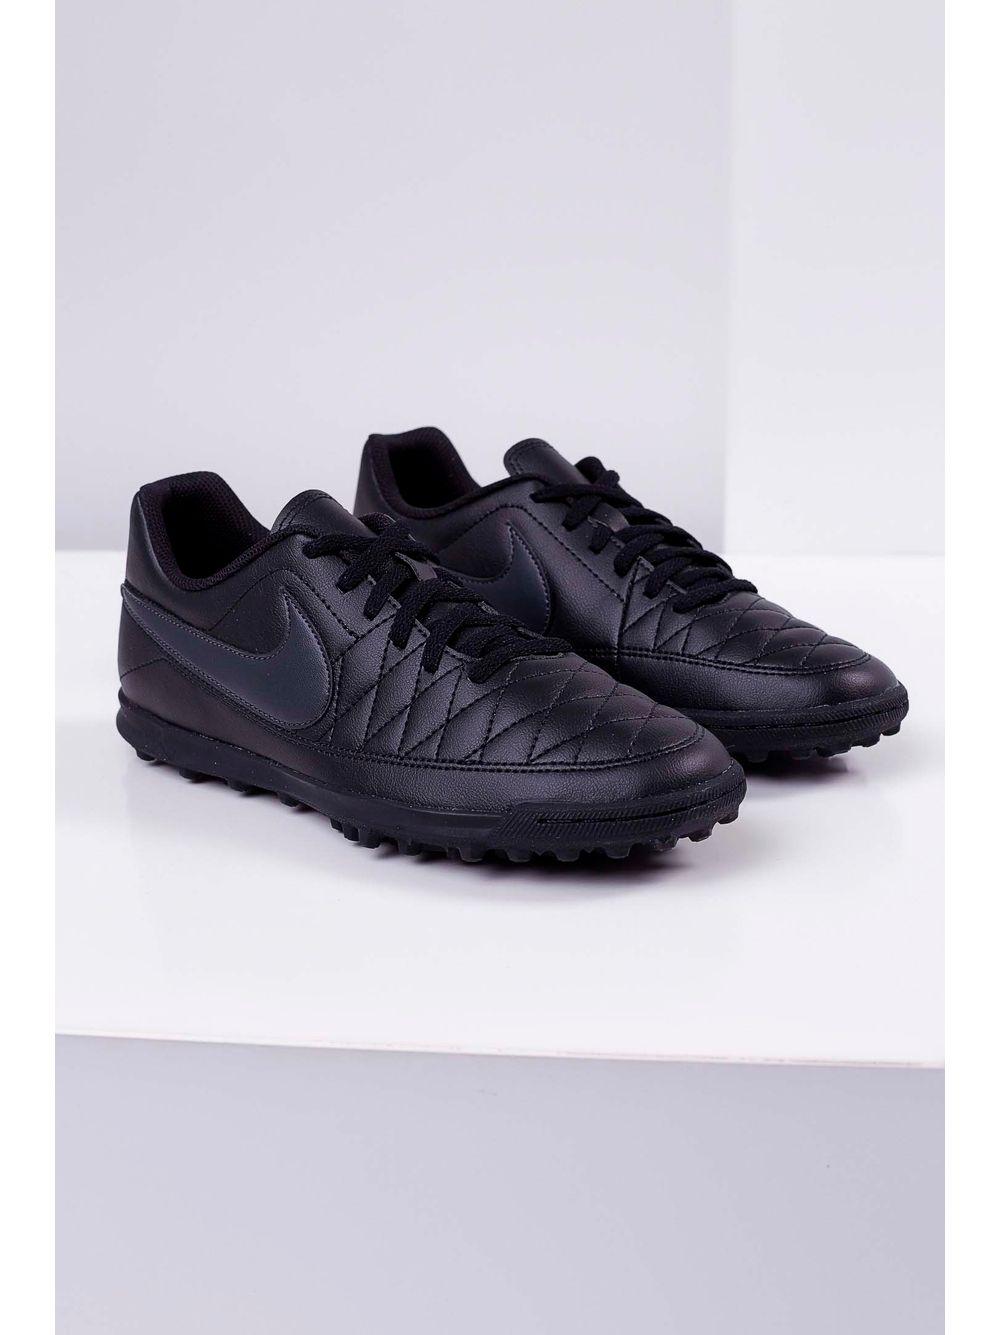 e2a17d6a26 Previous. Chuteira-Nike-Aq7901-001-Majestry-Tf-Preto ...